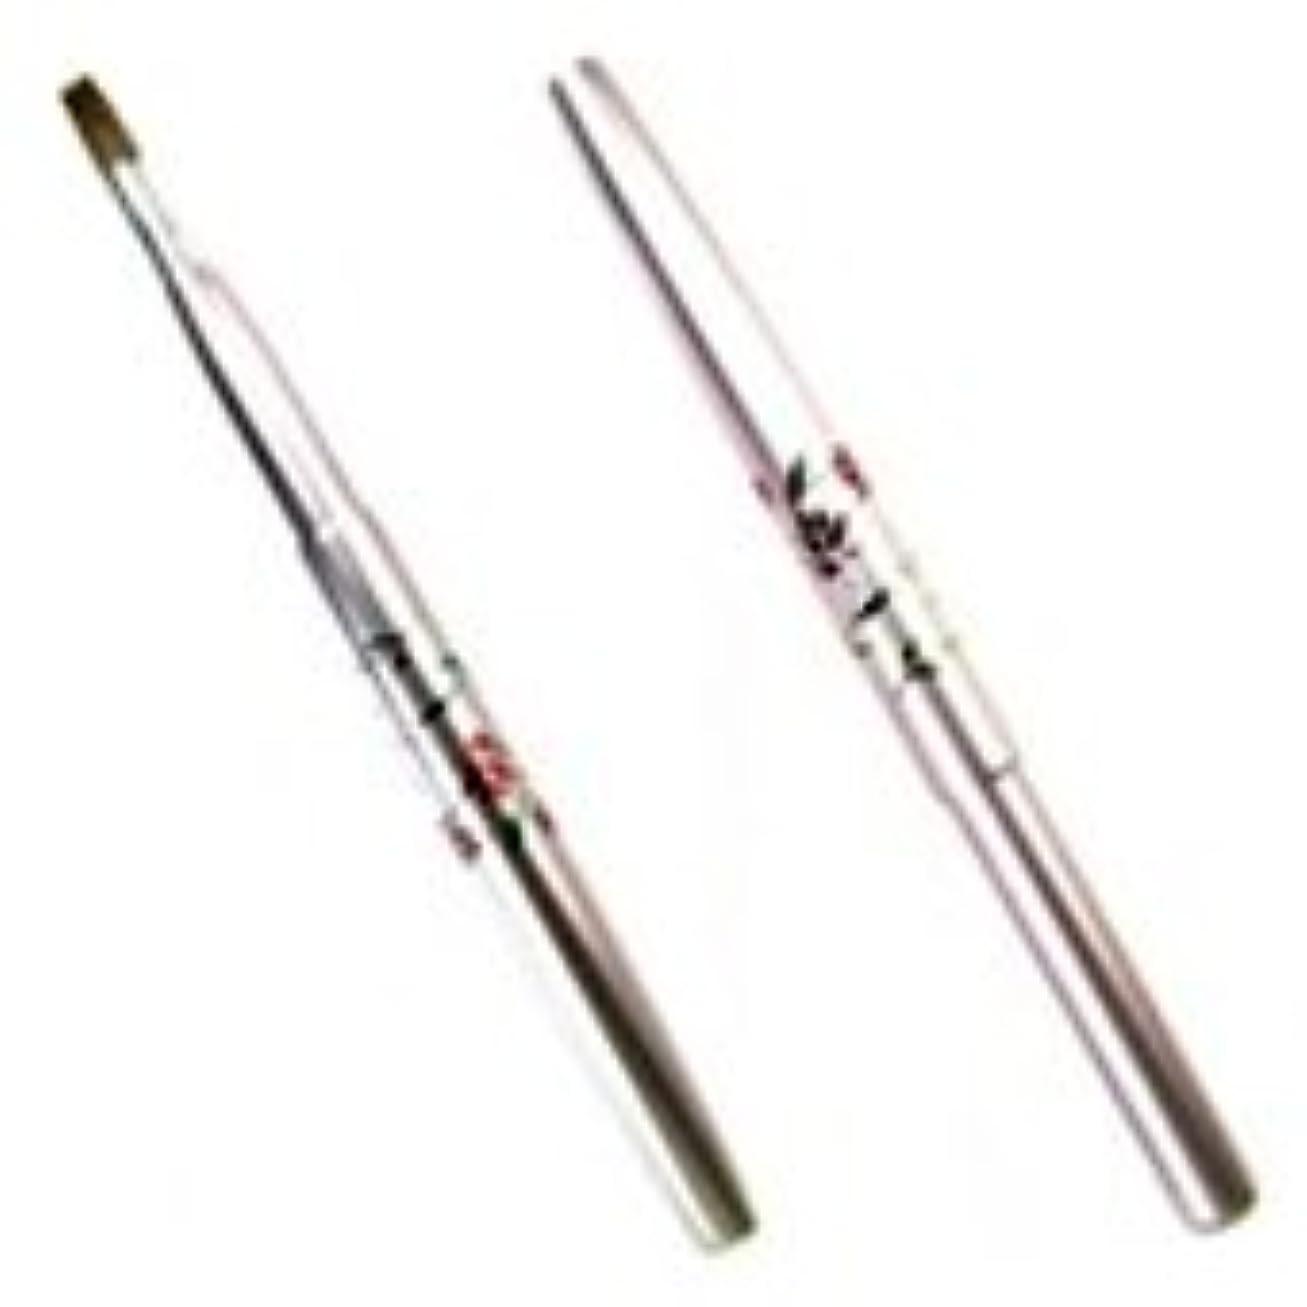 うまスーパーとは異なり宮尾産業化粧筆(メイクブラシ) MUシリーズ-3 携帯用リップブラシ 花柄ピンク セーブル100% /熊野筆